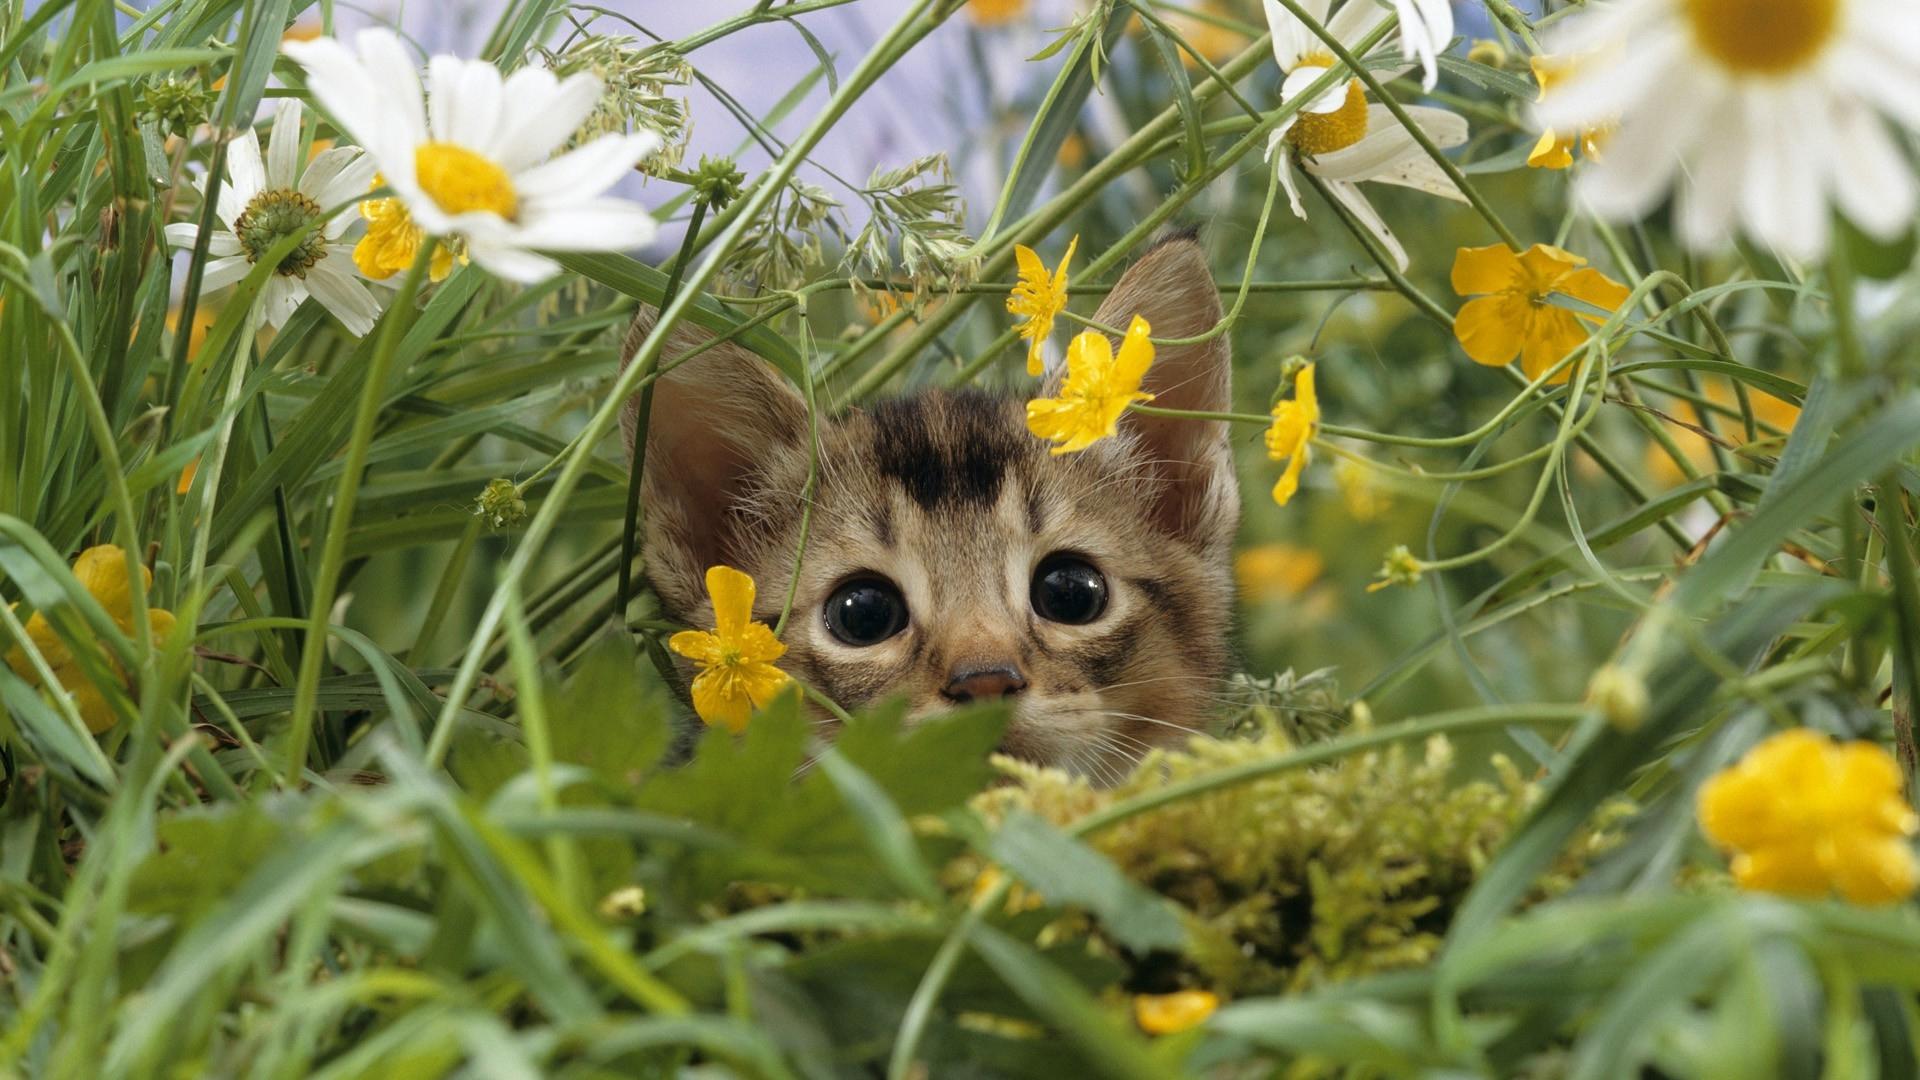 26222 Hintergrundbild herunterladen Tiere, Katzen - Bildschirmschoner und Bilder kostenlos